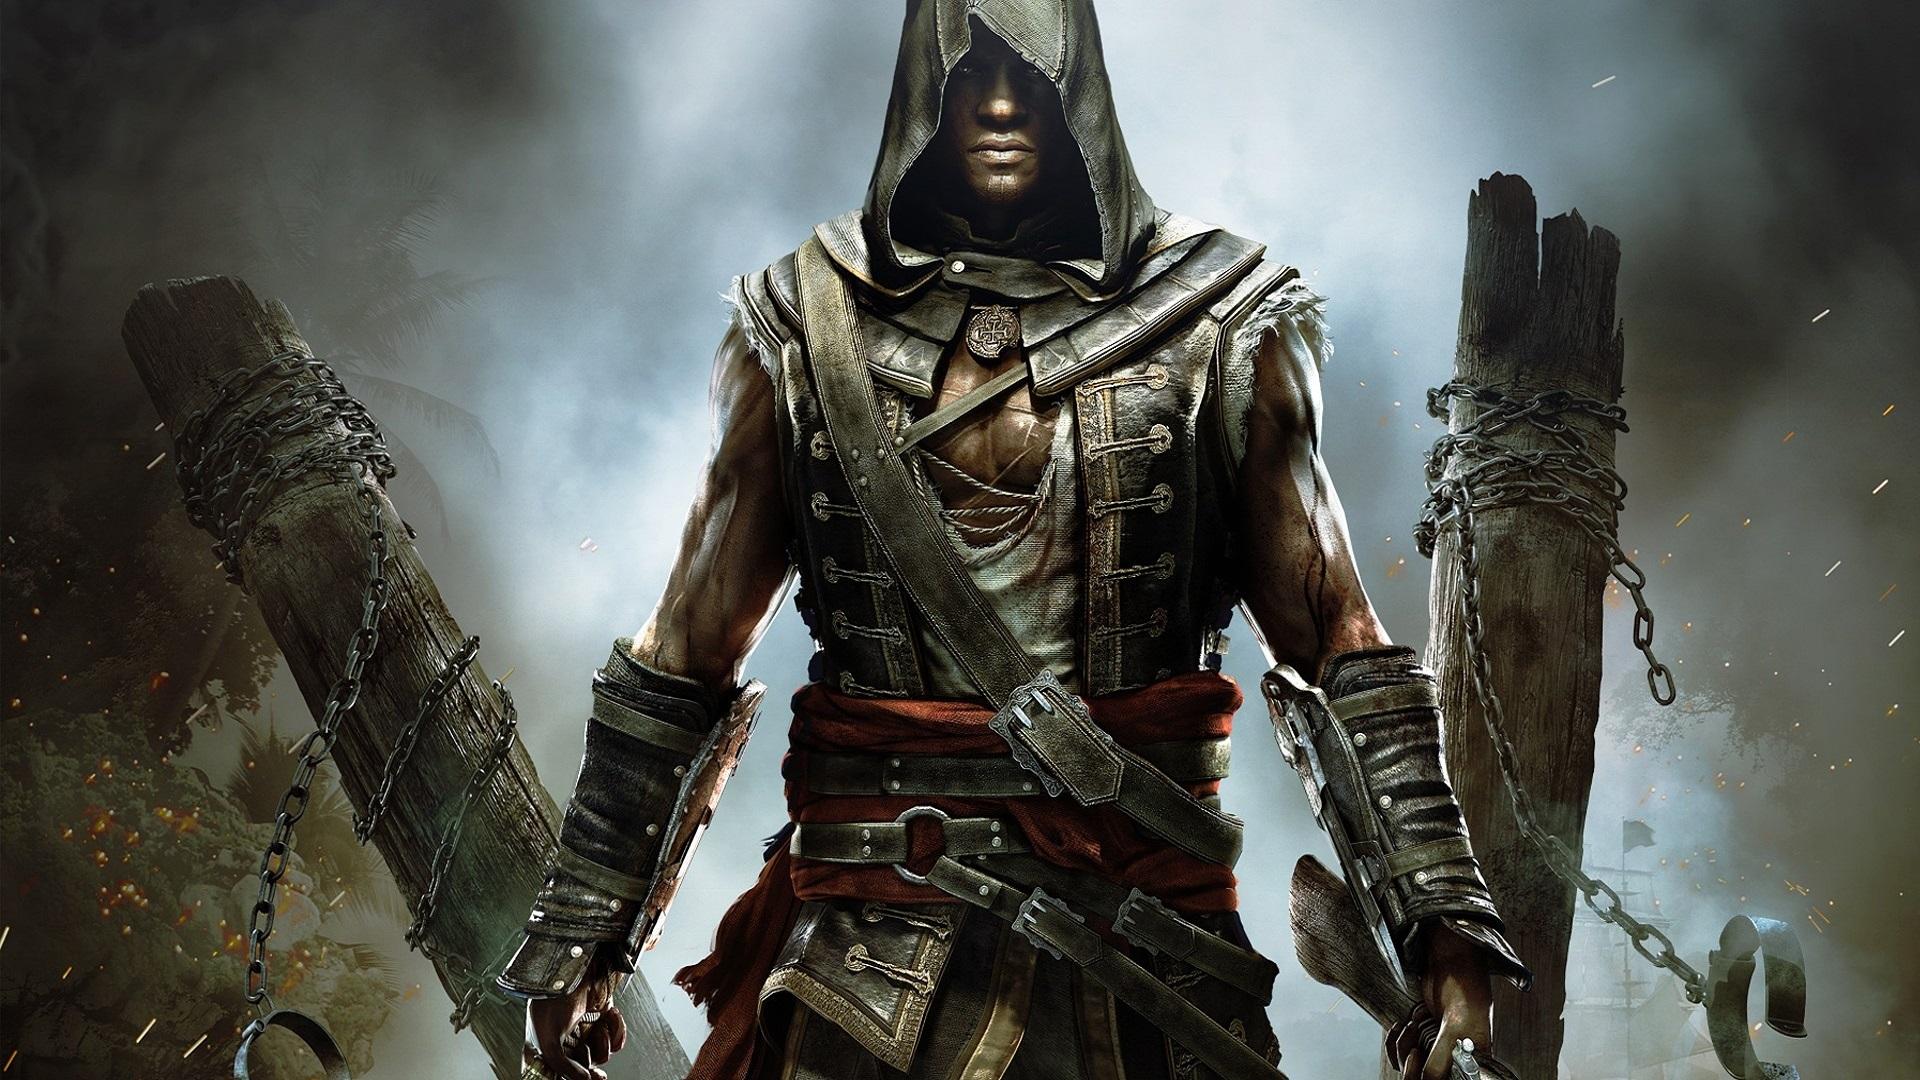 Assassins Creed Wallpaper 1920x1080 Download Hd Wallpaper Wallpapertip